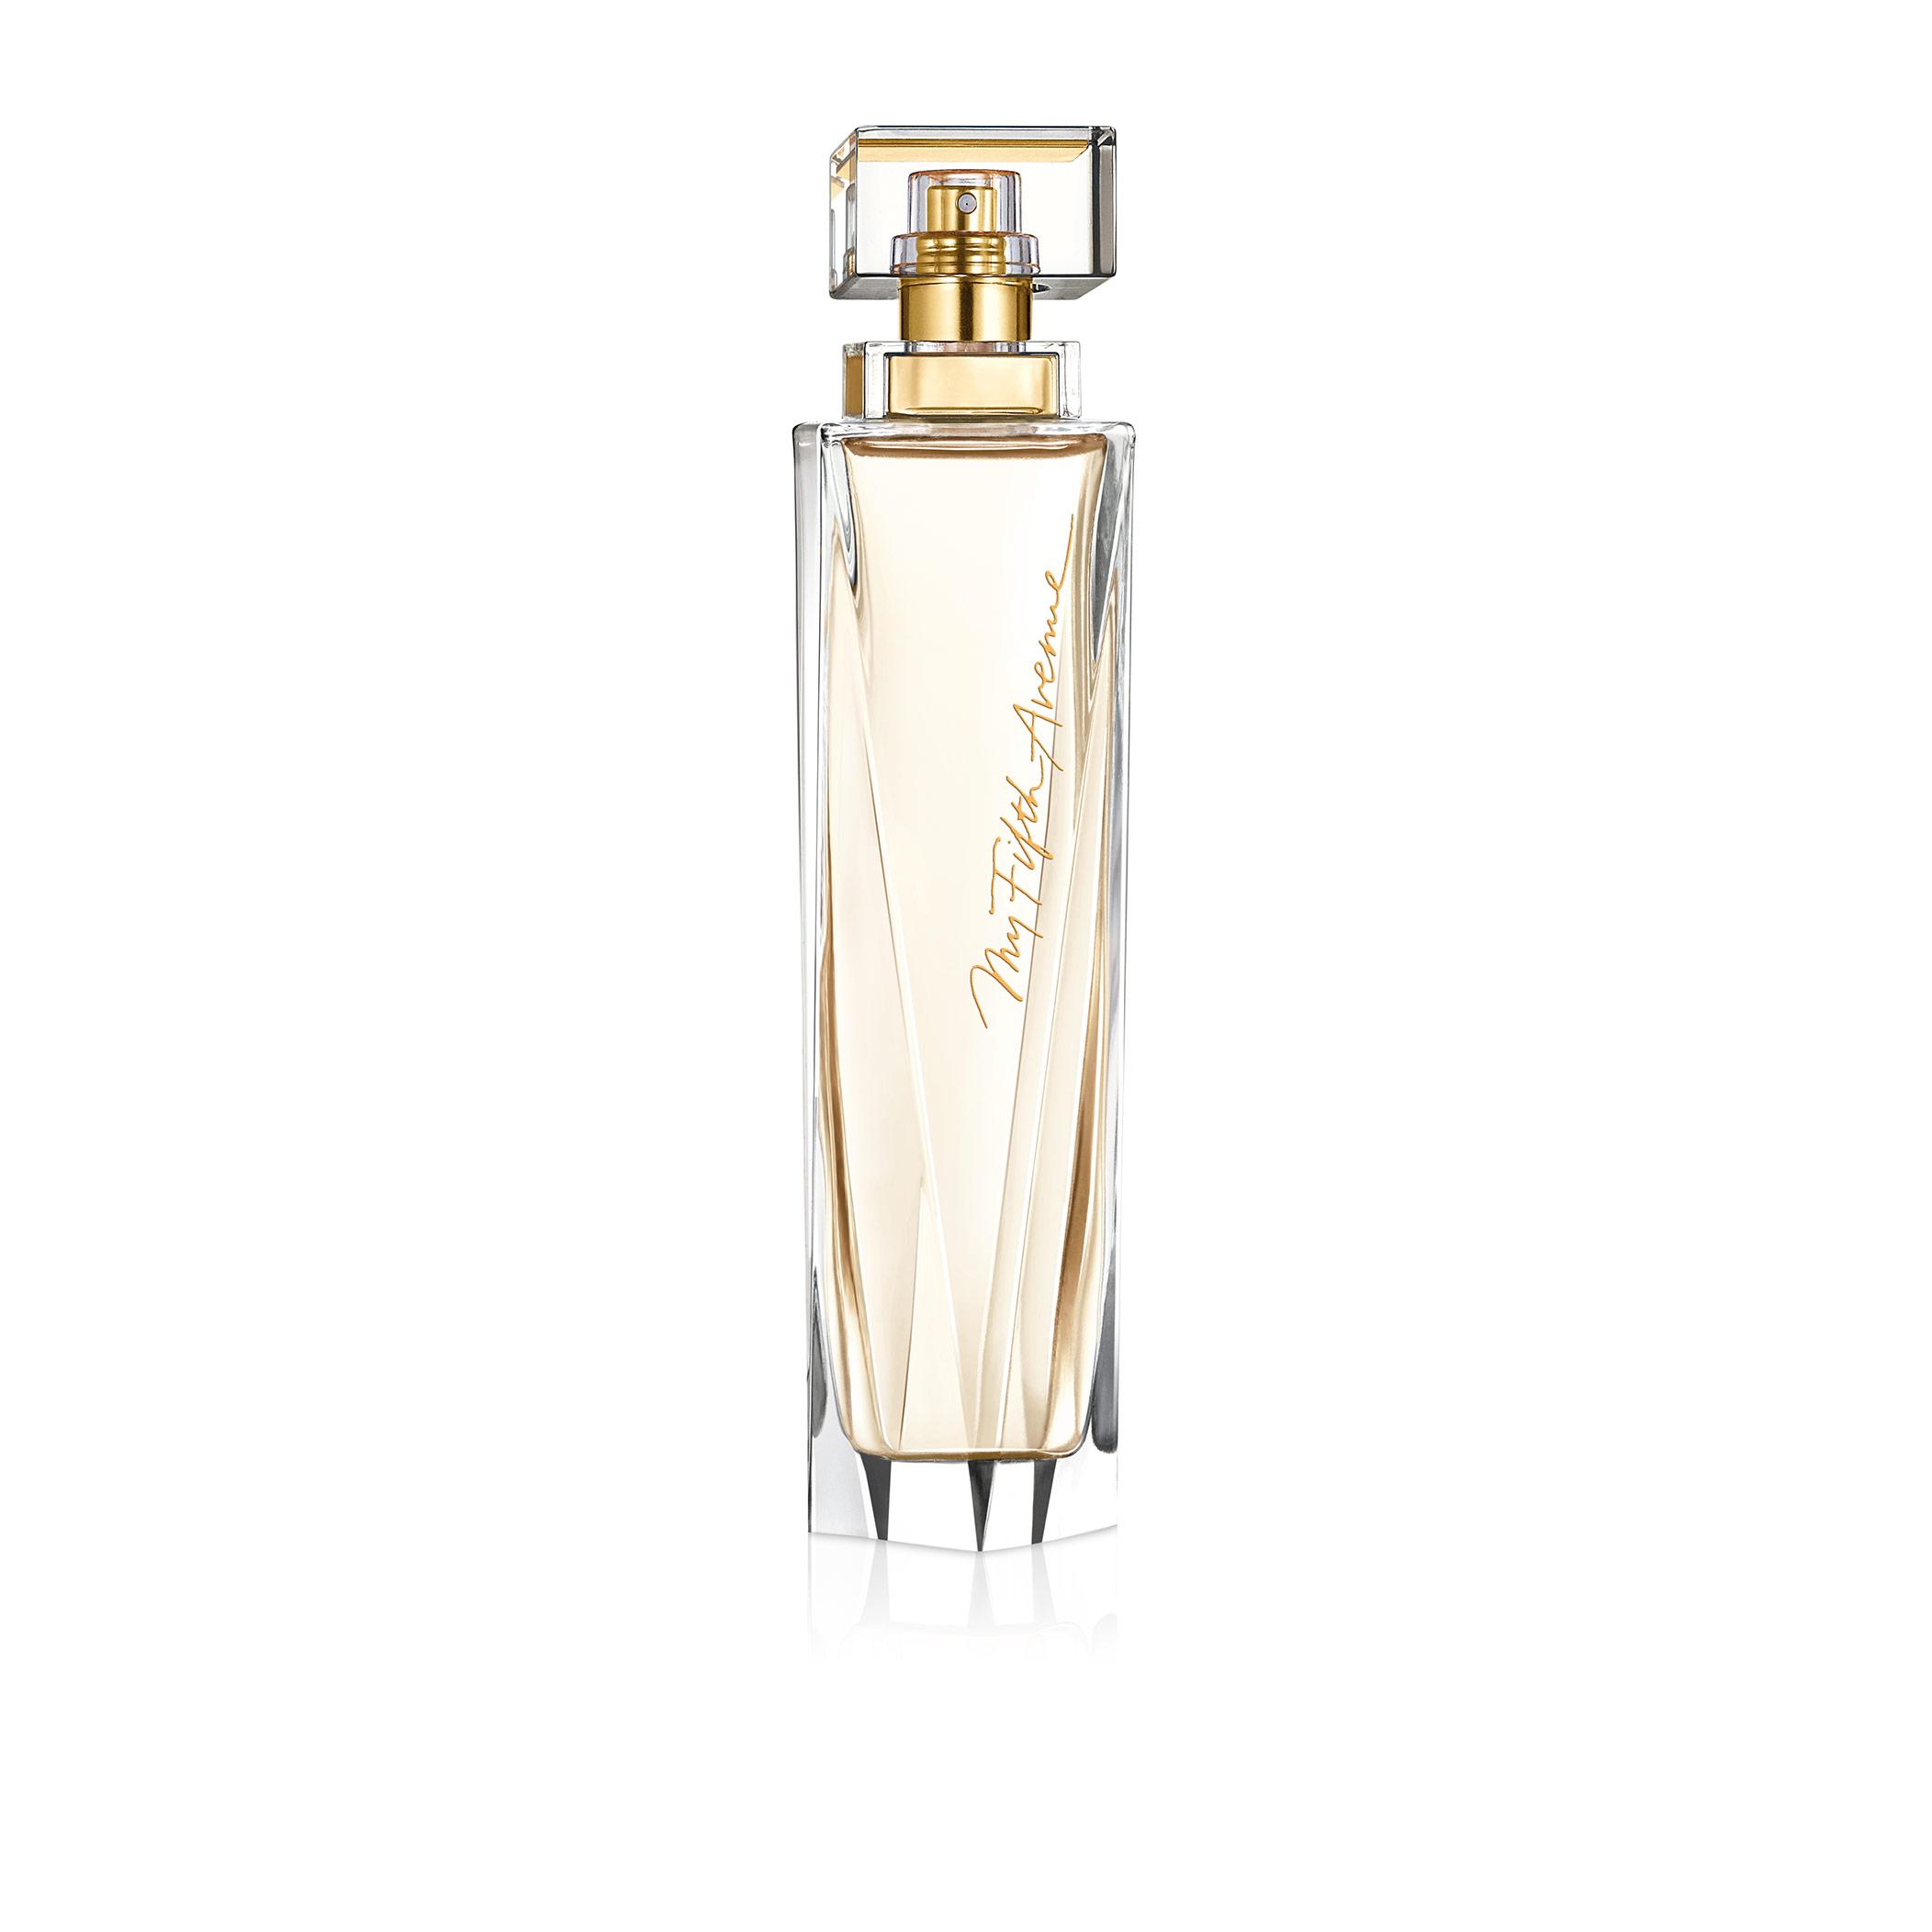 Perfumeの画像 p1_37